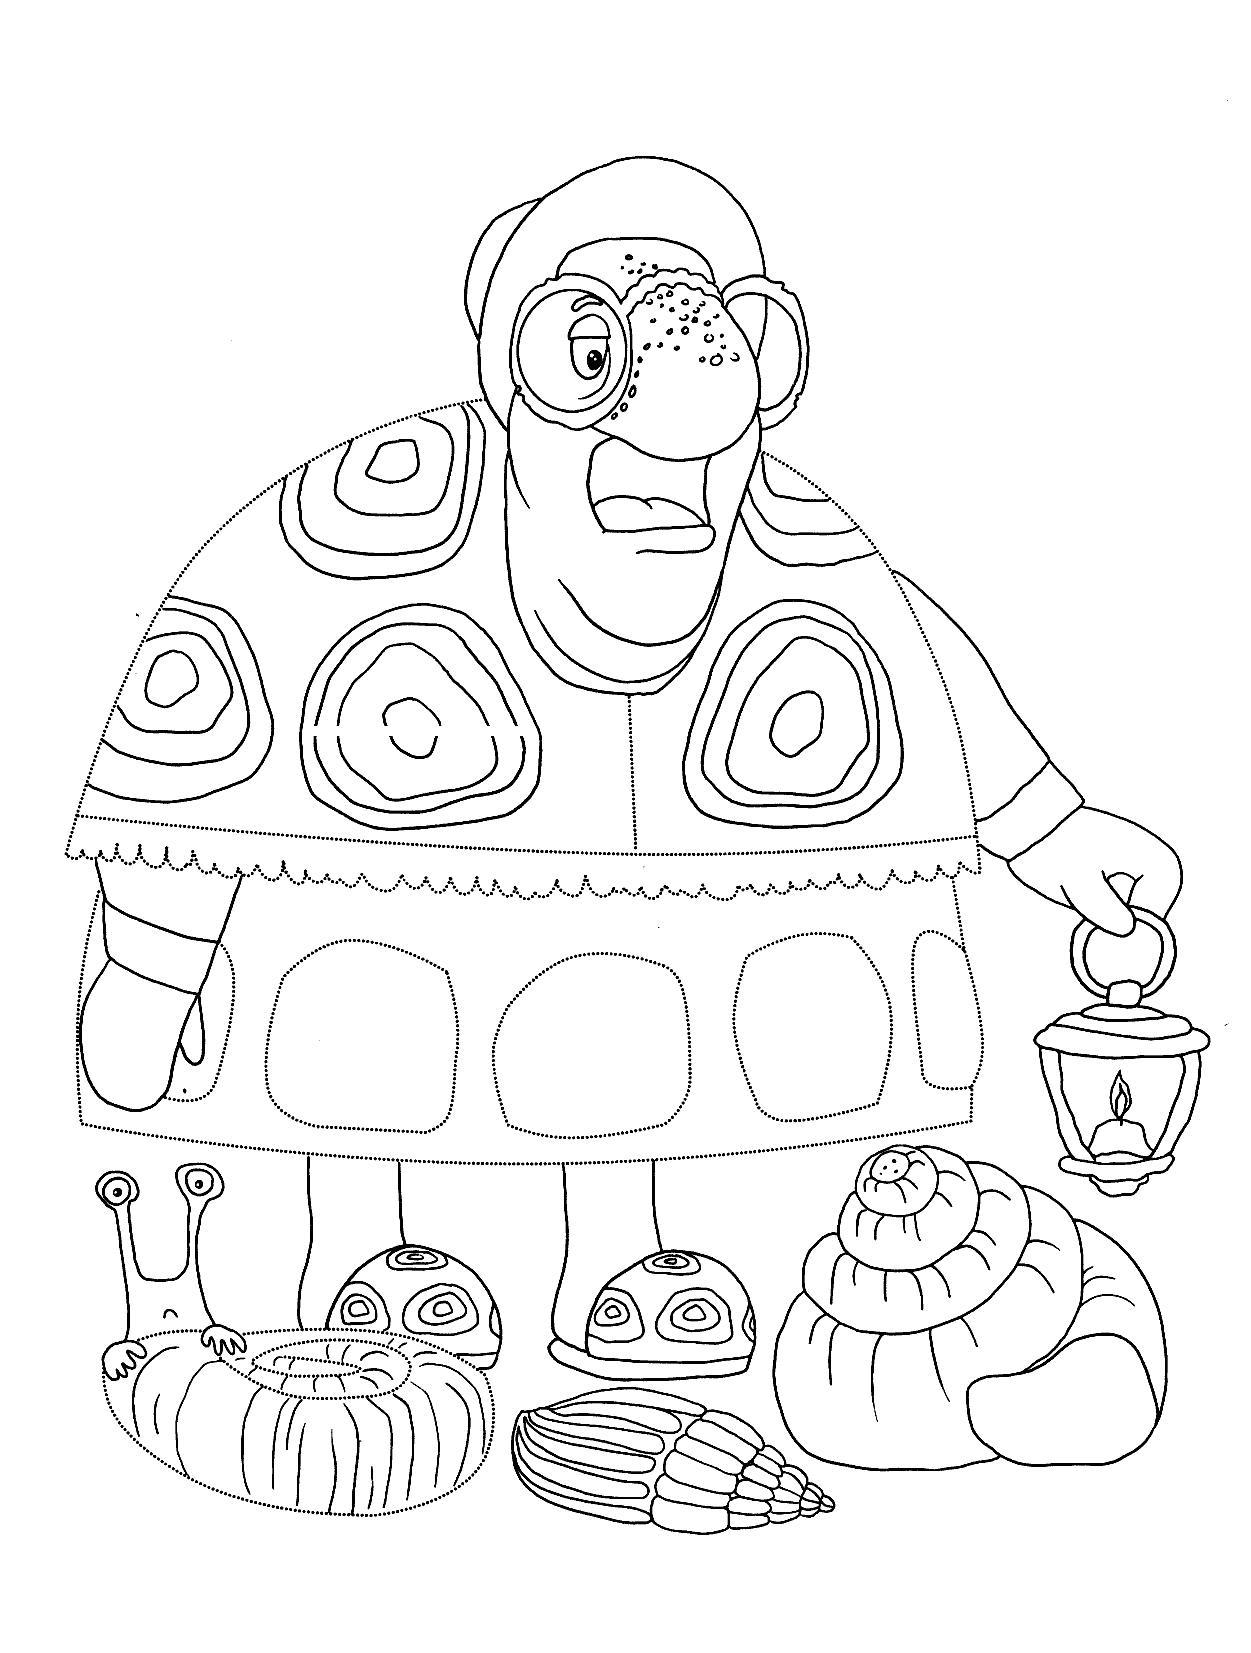 Черепаха - раскраска из мультфильма: лунтик и его друзья